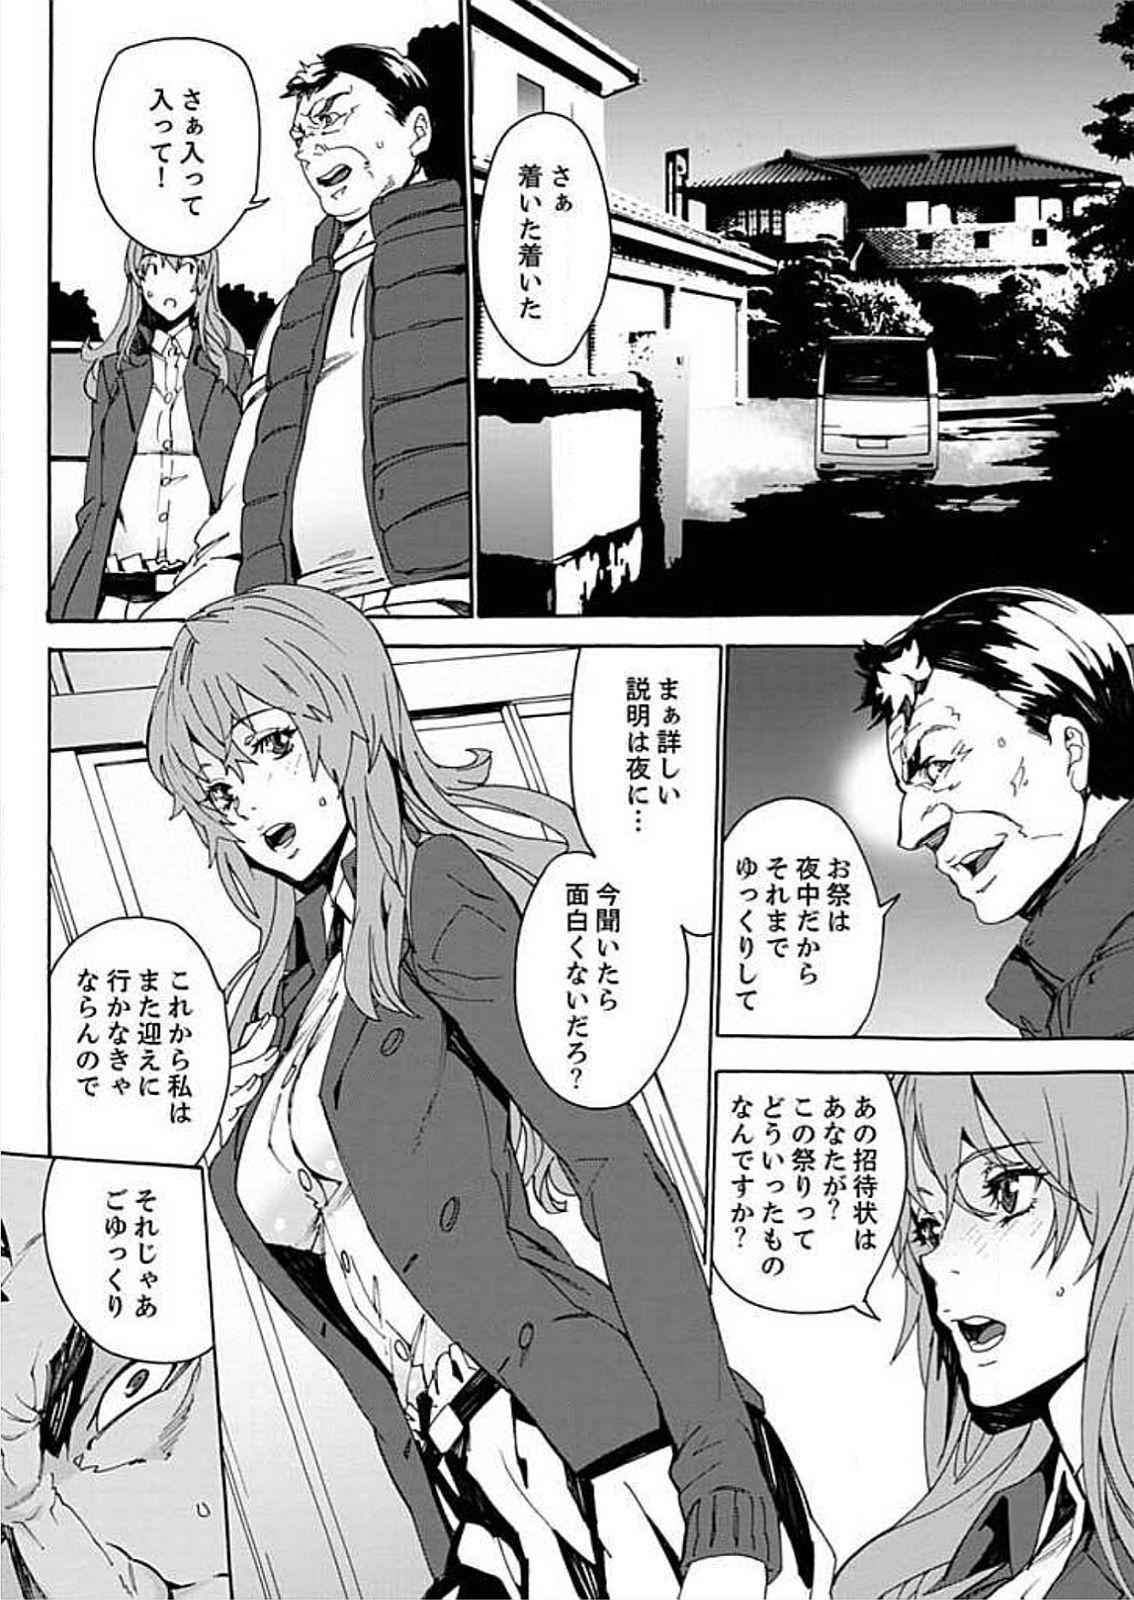 [OUMA] Inshuu no Matsuri ~Otoko Darake no Mura ni Onna Hitori~ 2 [Digital] 5